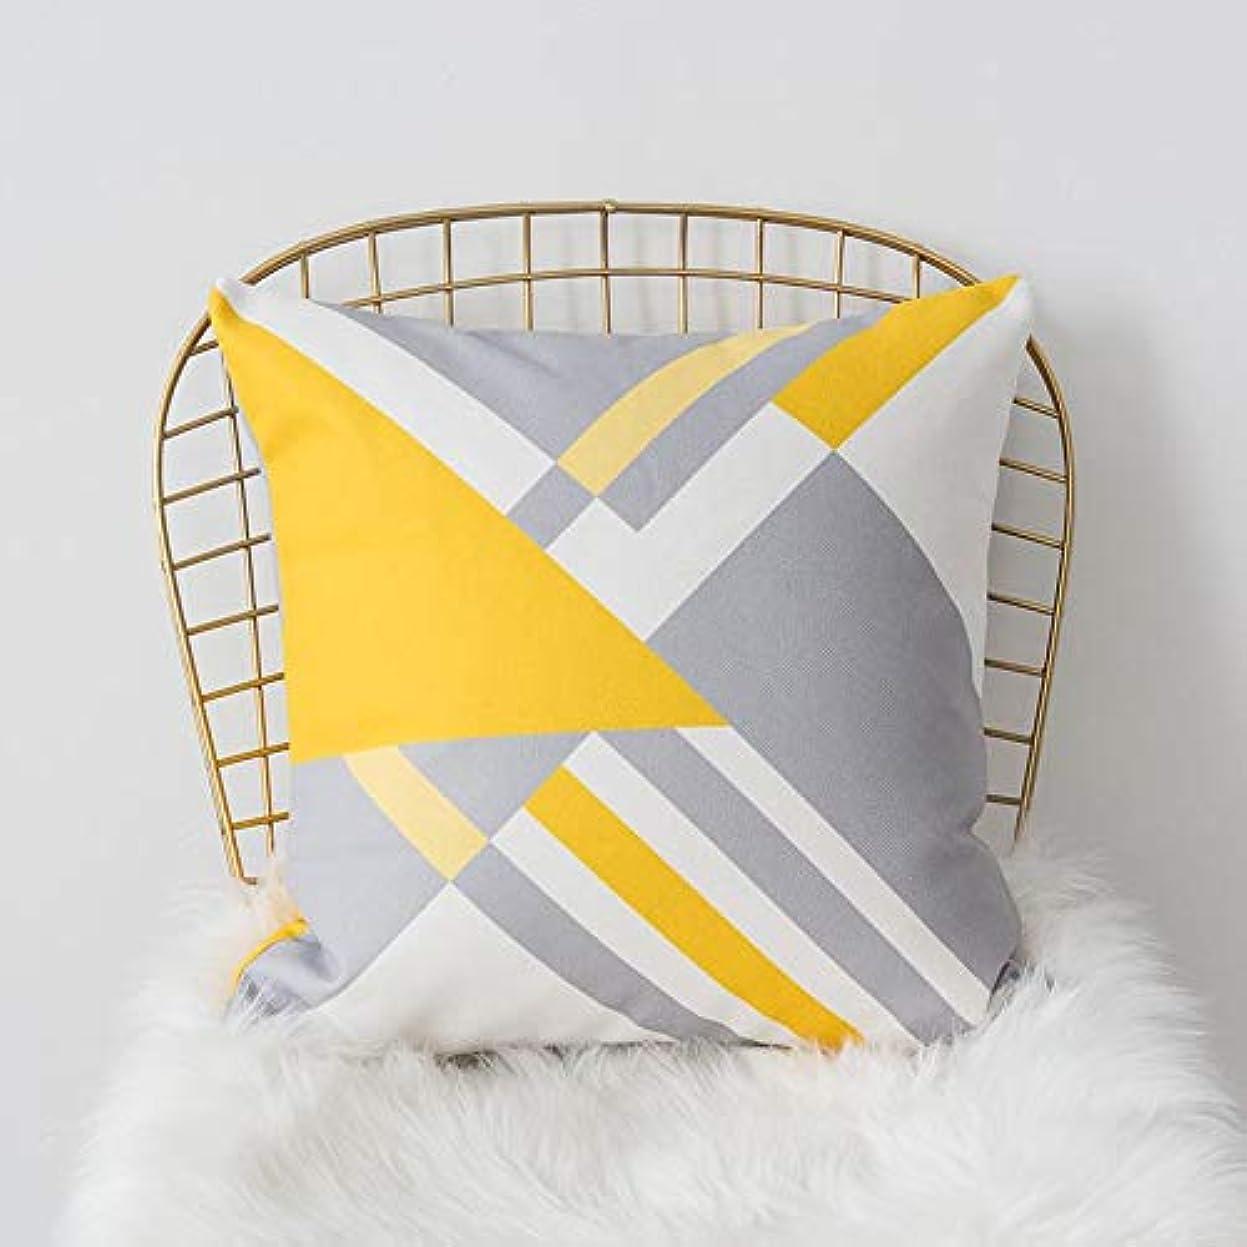 キャンパス中馬鹿SMART 黄色グレー枕北欧スタイル黄色ヘラジカ幾何枕リビングルームのインテリアソファクッション Cojines 装飾良質 クッション 椅子